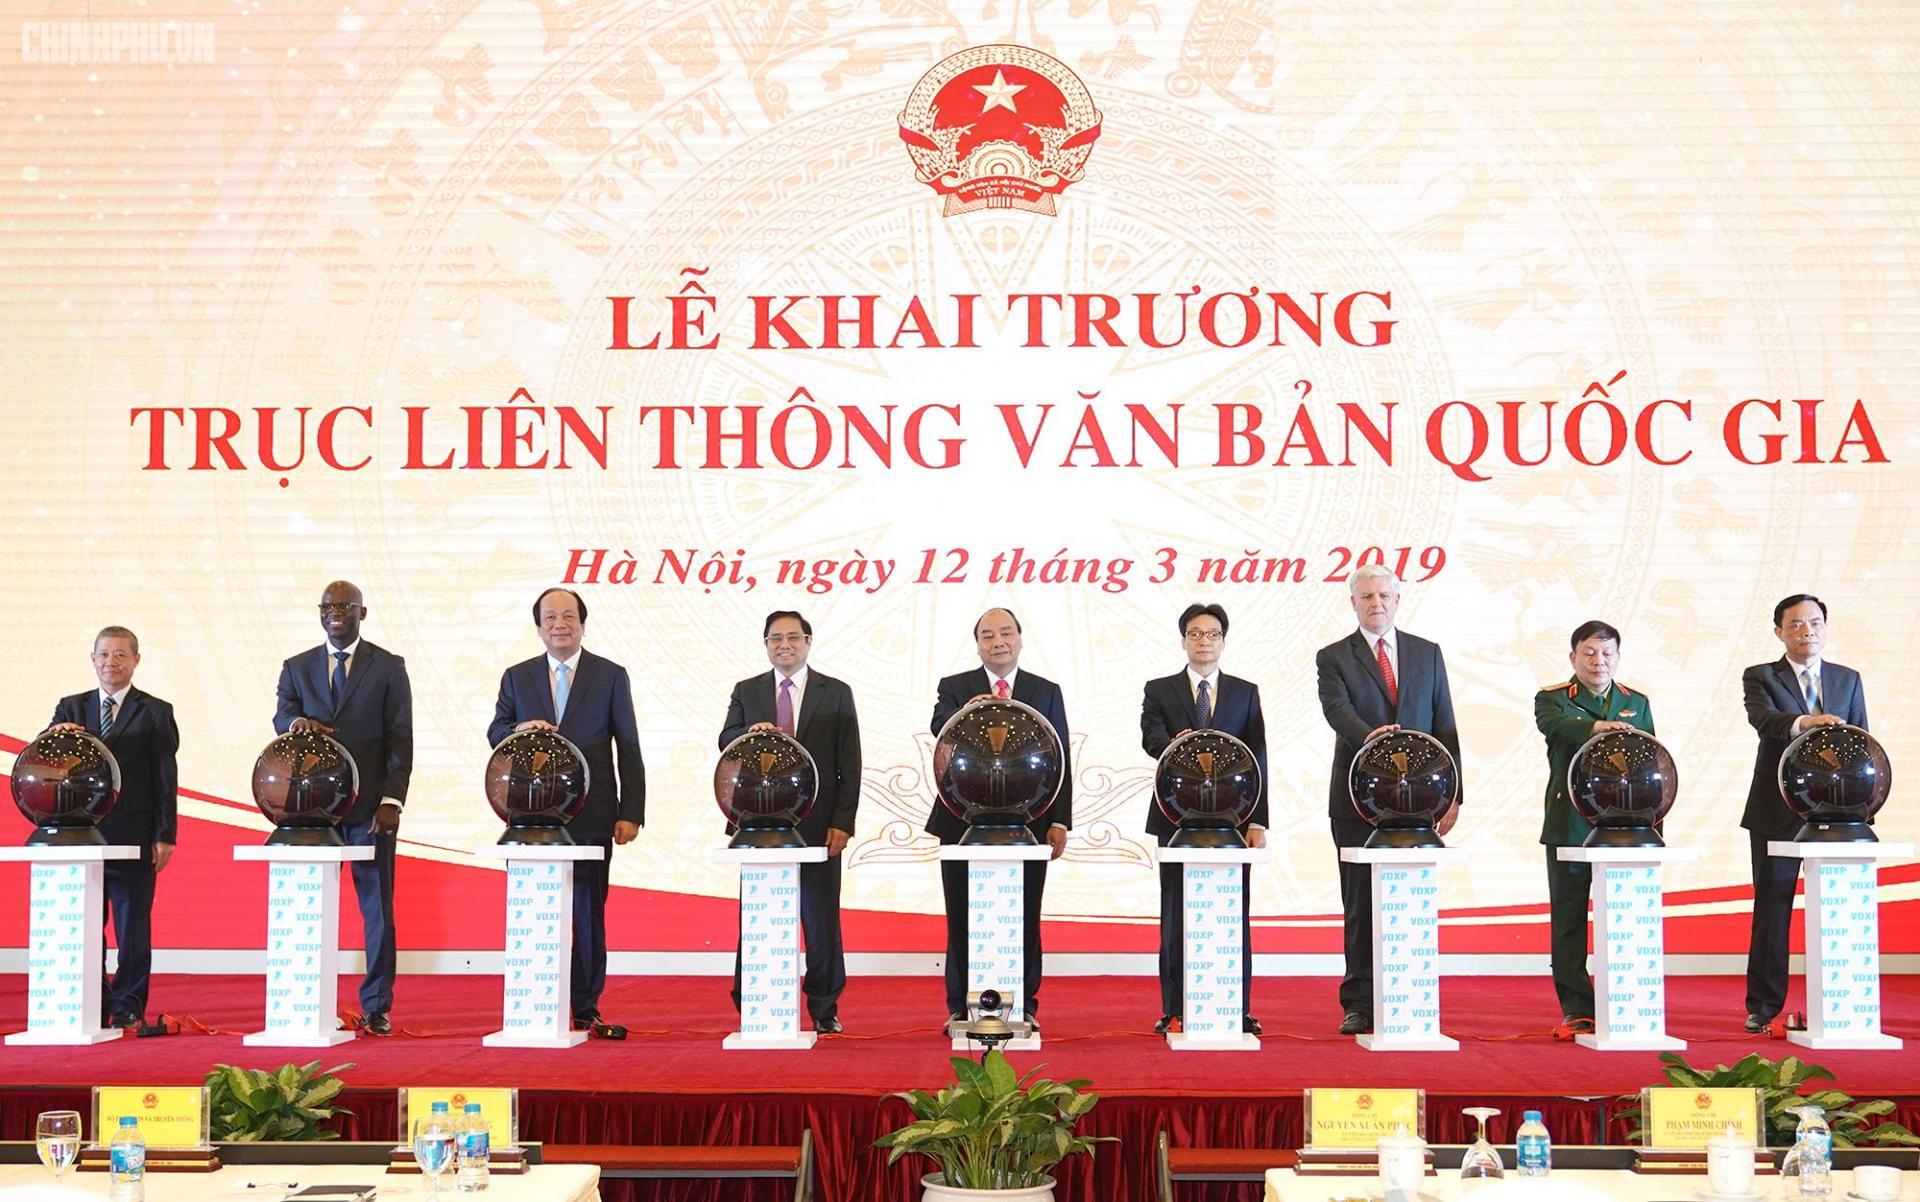 Thủ tướng Chính phủ Nguyễn Xuân Phúc cùng các vị lãnh đạo thực hiện nghi thức khai trương Trục liên thông văn bản quốc gia. Ảnh VGP/Quang Hiếu